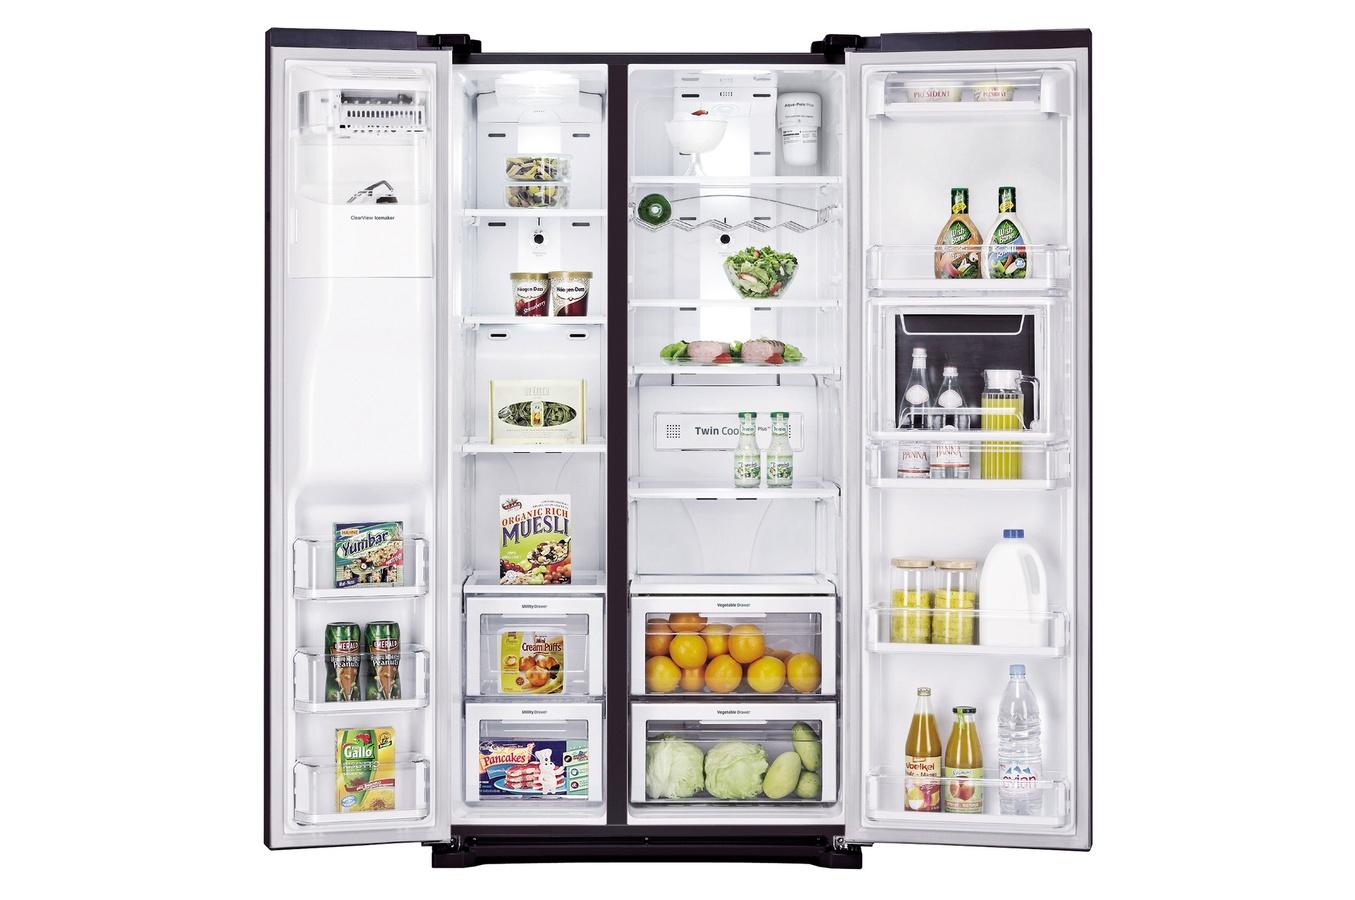 Quel frigo américain choisir 2014